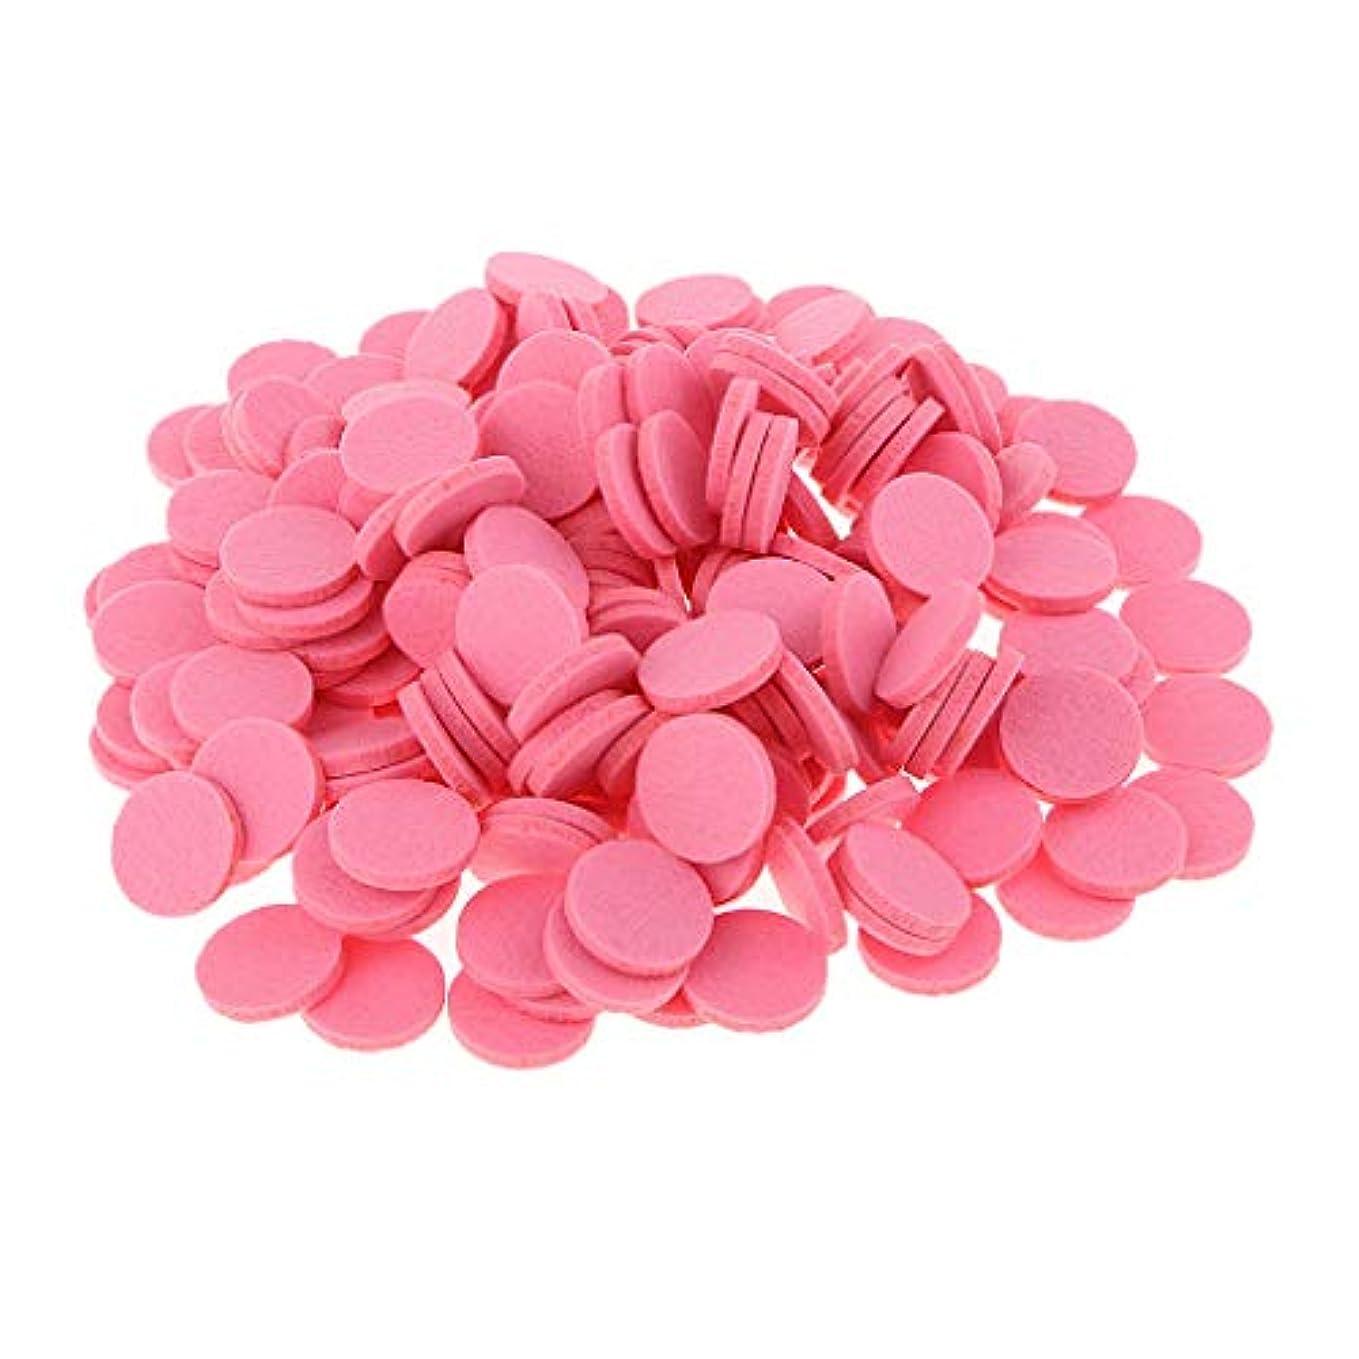 ペデスタルボランティア裸約200個入り 詰め替えパッド 精油付き アロマディフューザー 交換用 オイルパッド 全11色 - ピンク